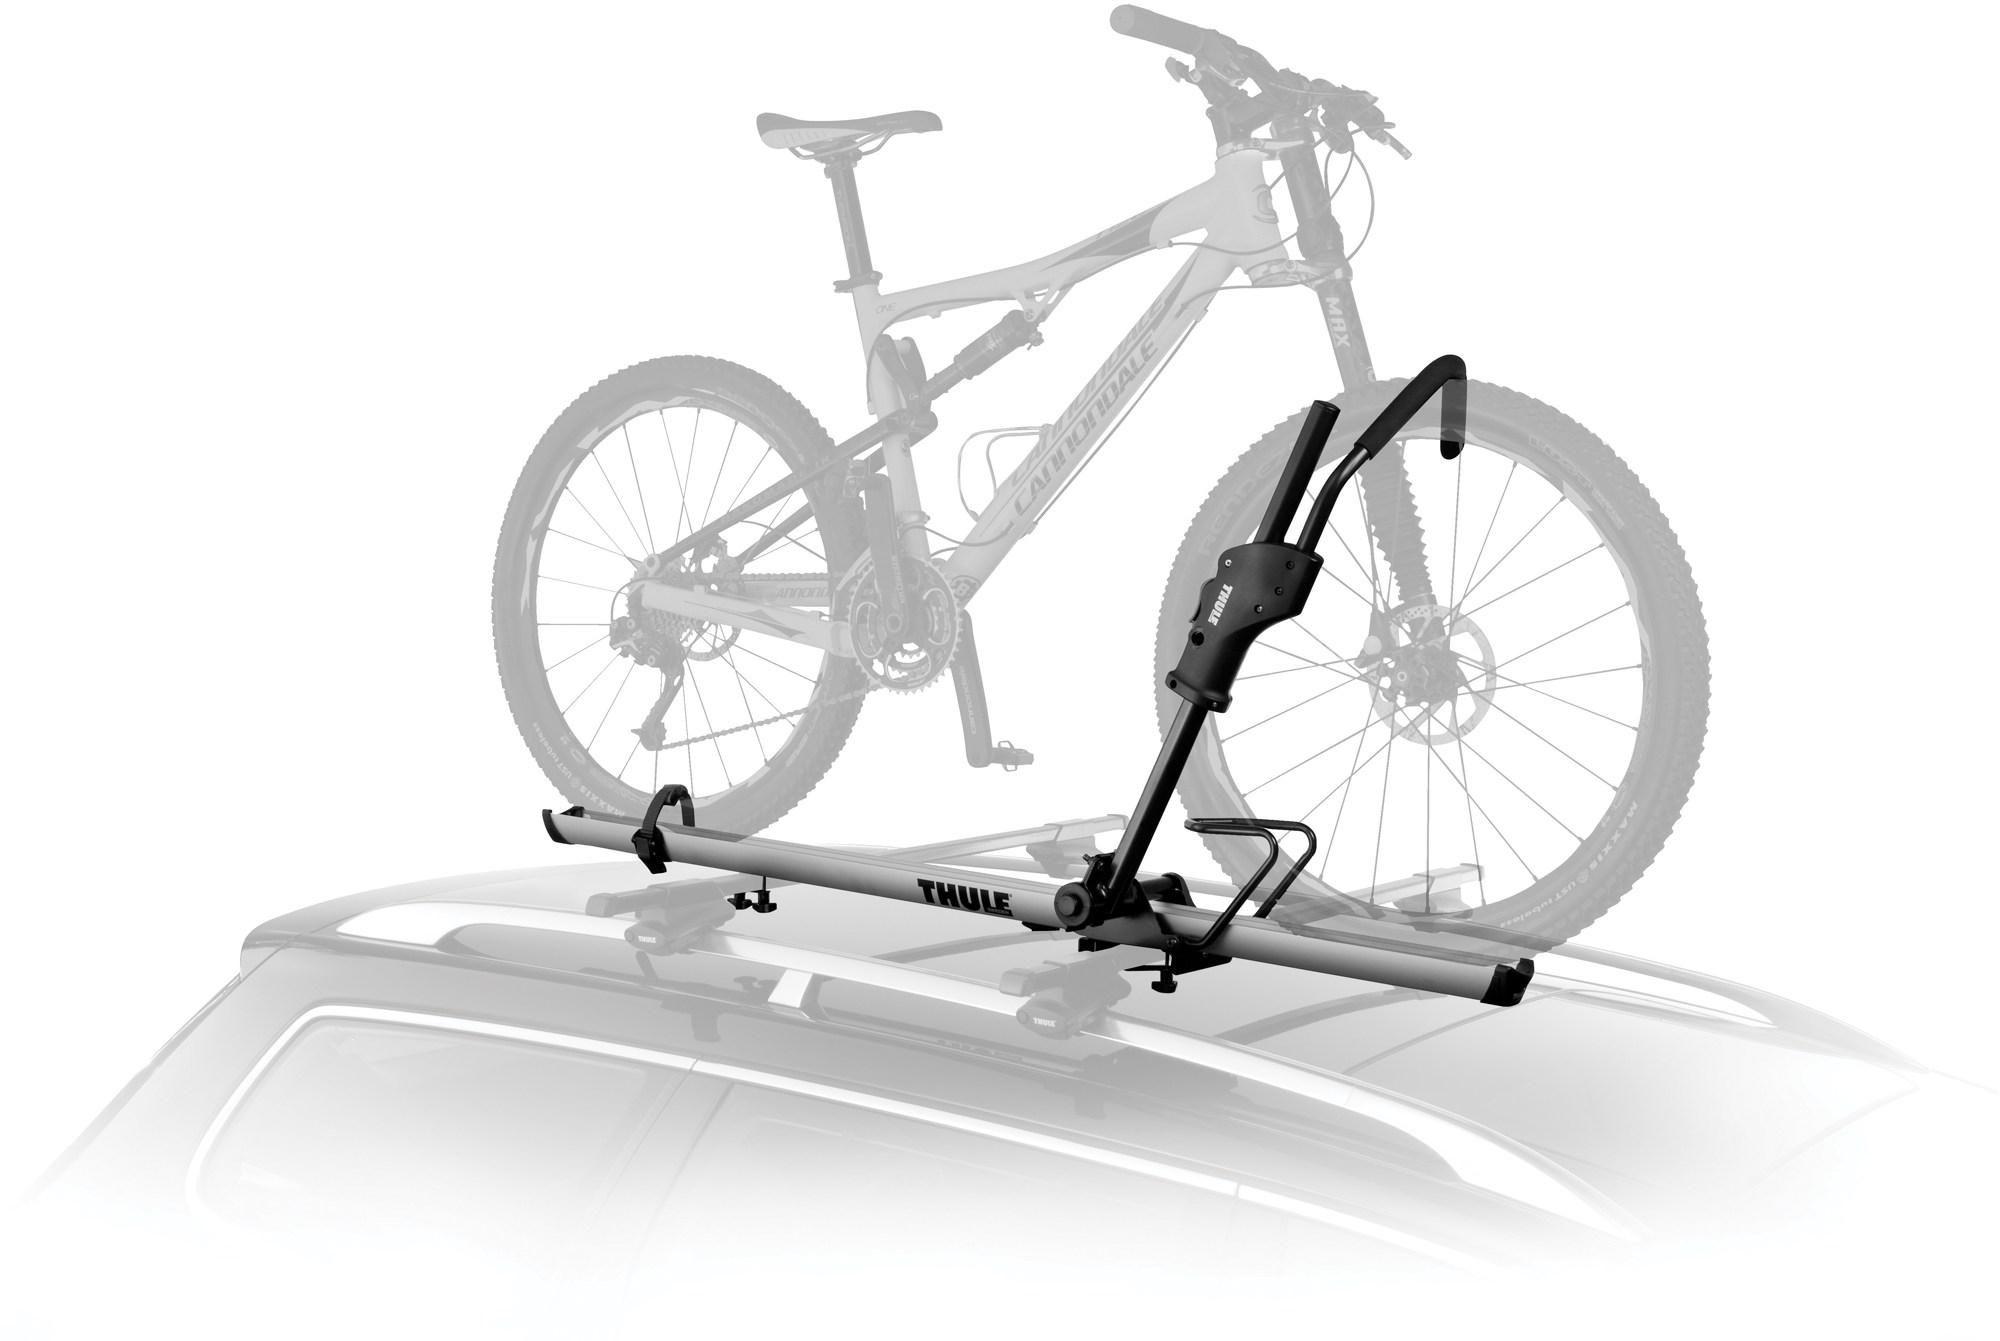 Thule Sidearm Universal Upright Bike Mount Roof Mount Bike Rack Best Bike Rack Bike Rack